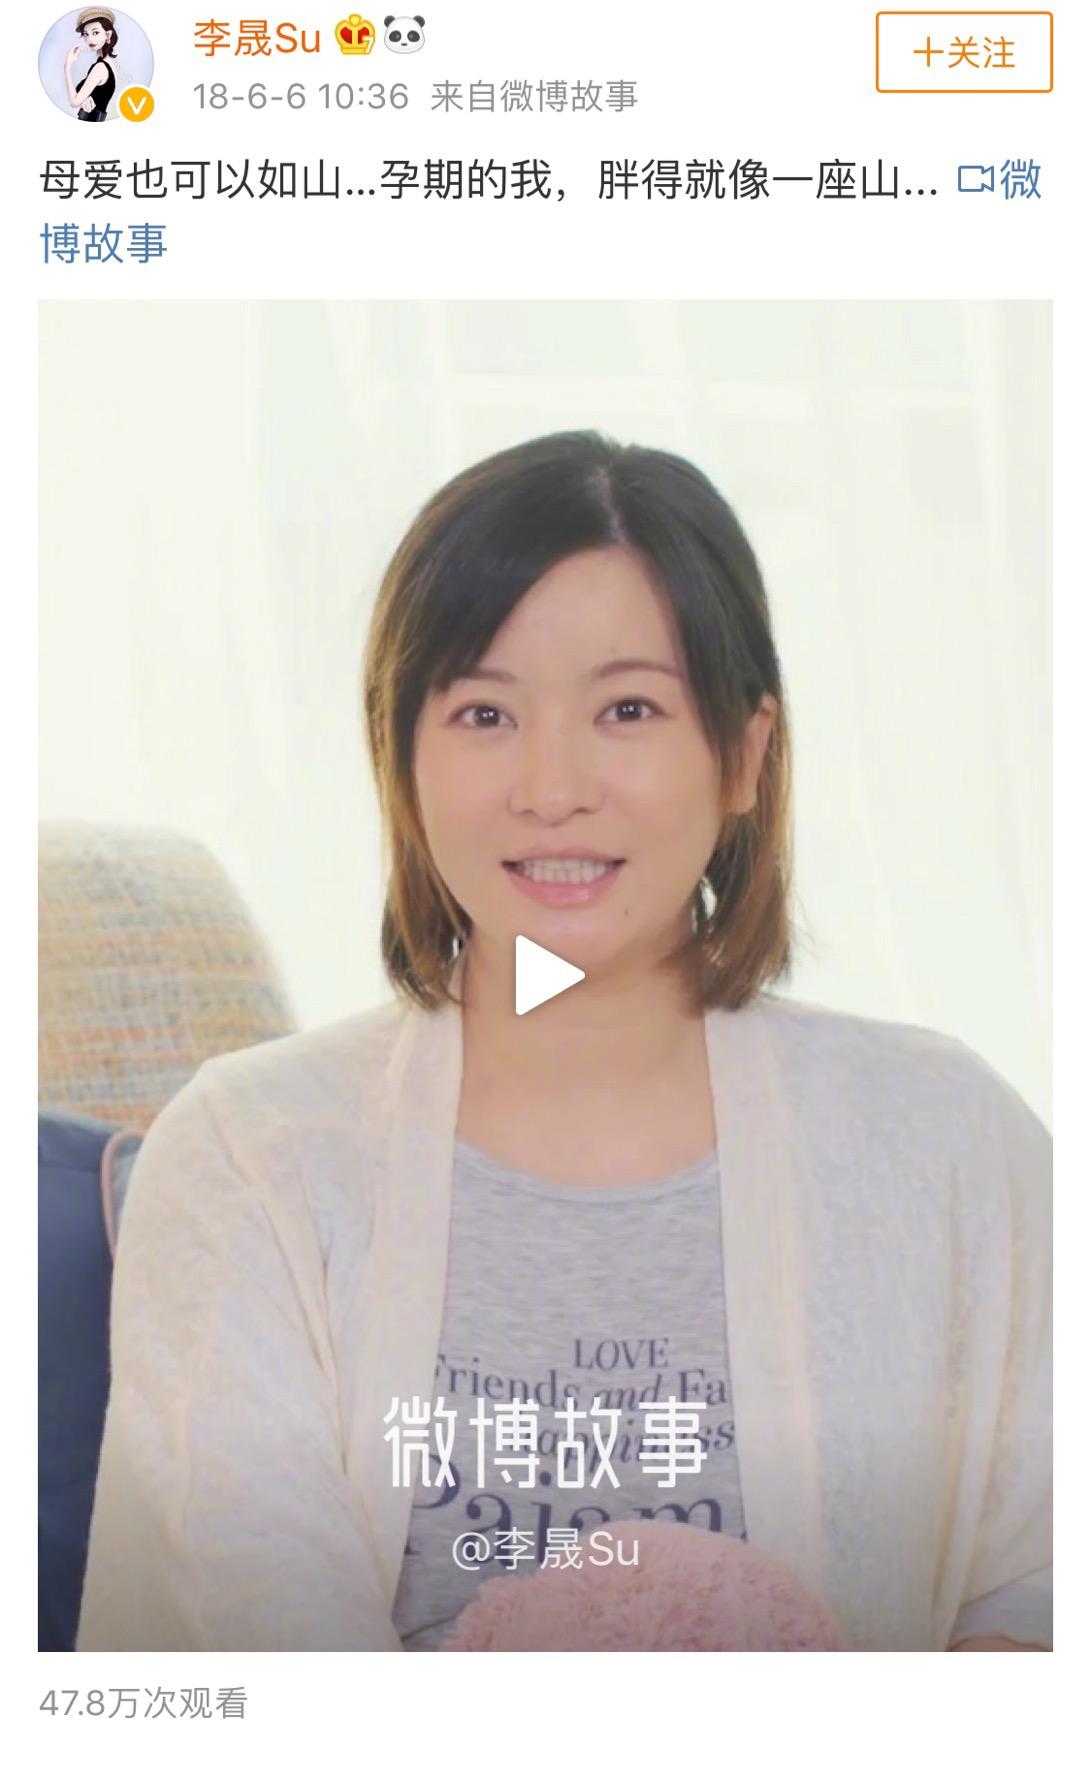 小燕子李晟脸被熊踩过于回家,表情:内容不敢真跳舞网友小胖子v表情毛图片